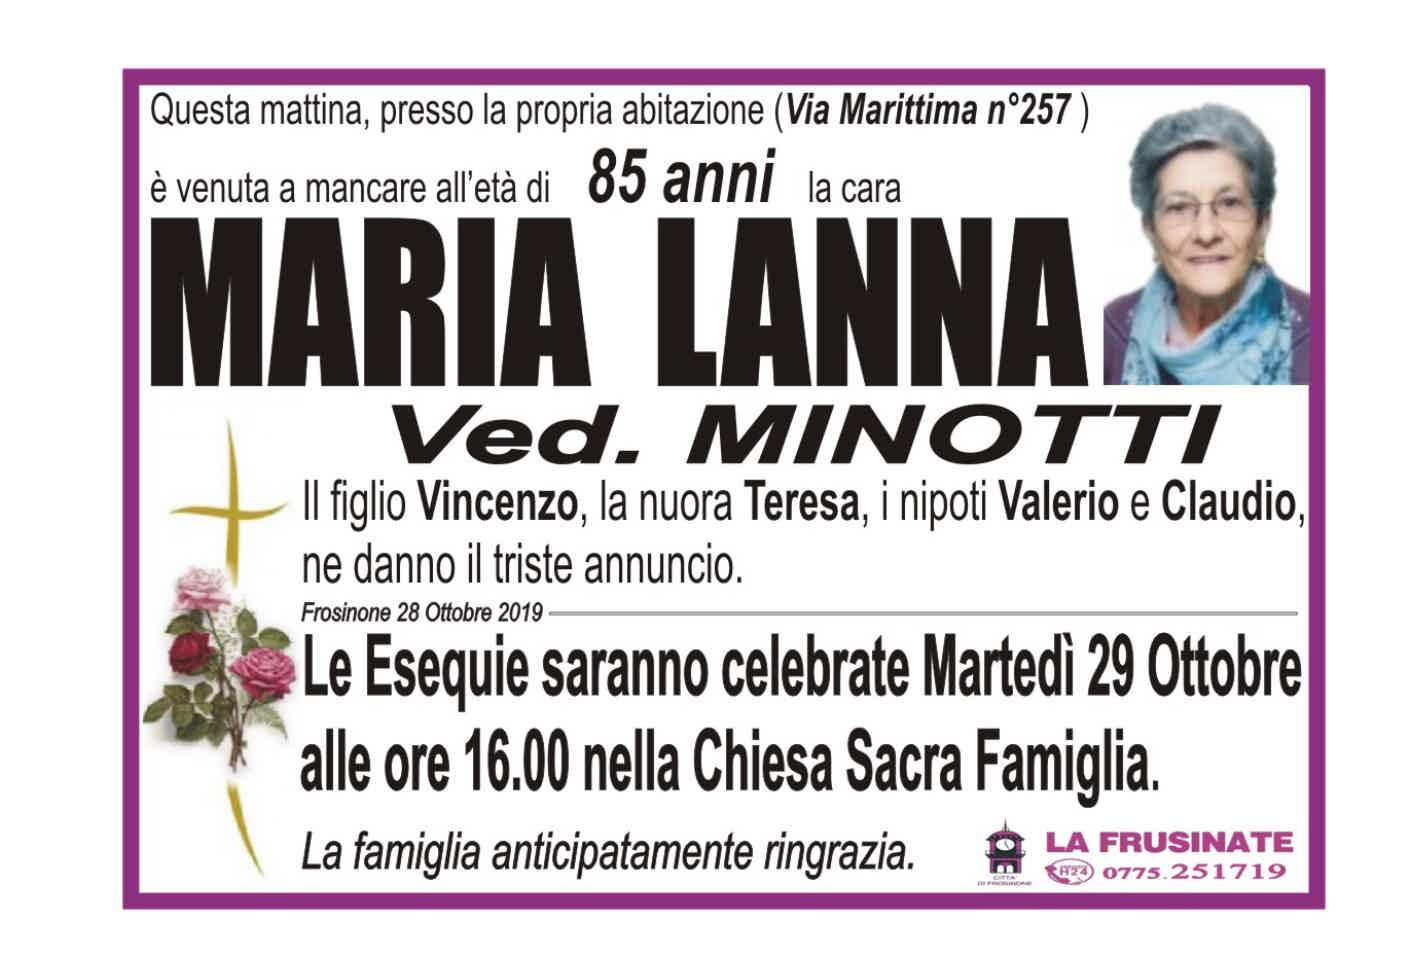 Maria Lanna